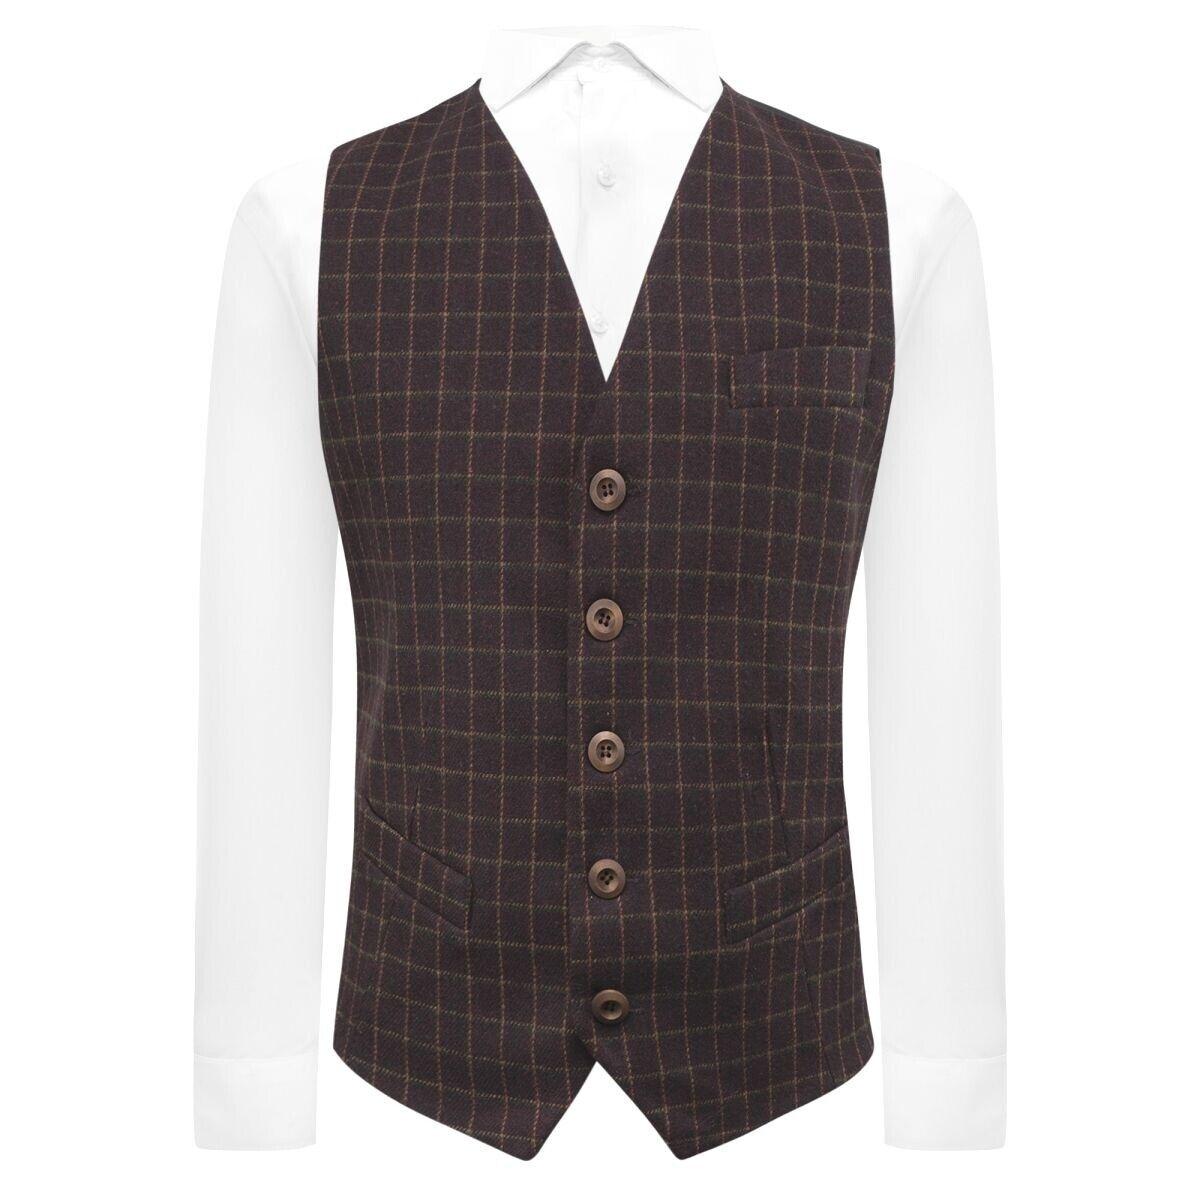 Luxury Merlot Red Tattersall Check Tweed Waistcoat